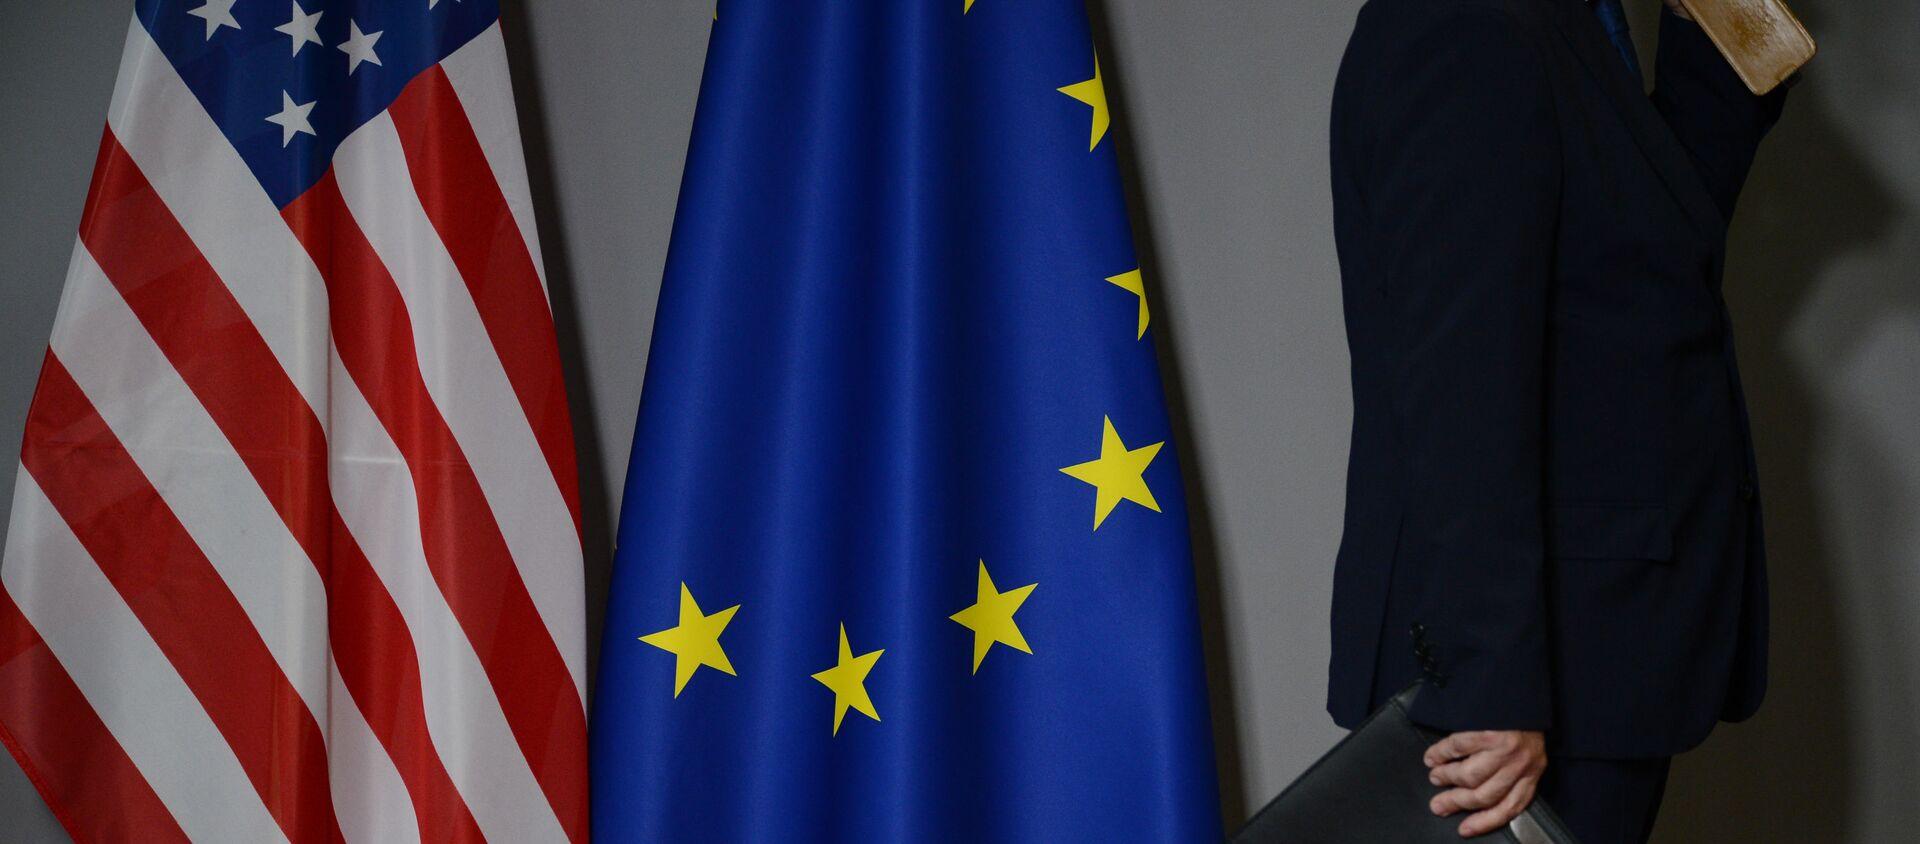 Flagi USA i UE - Sputnik Polska, 1920, 15.04.2021